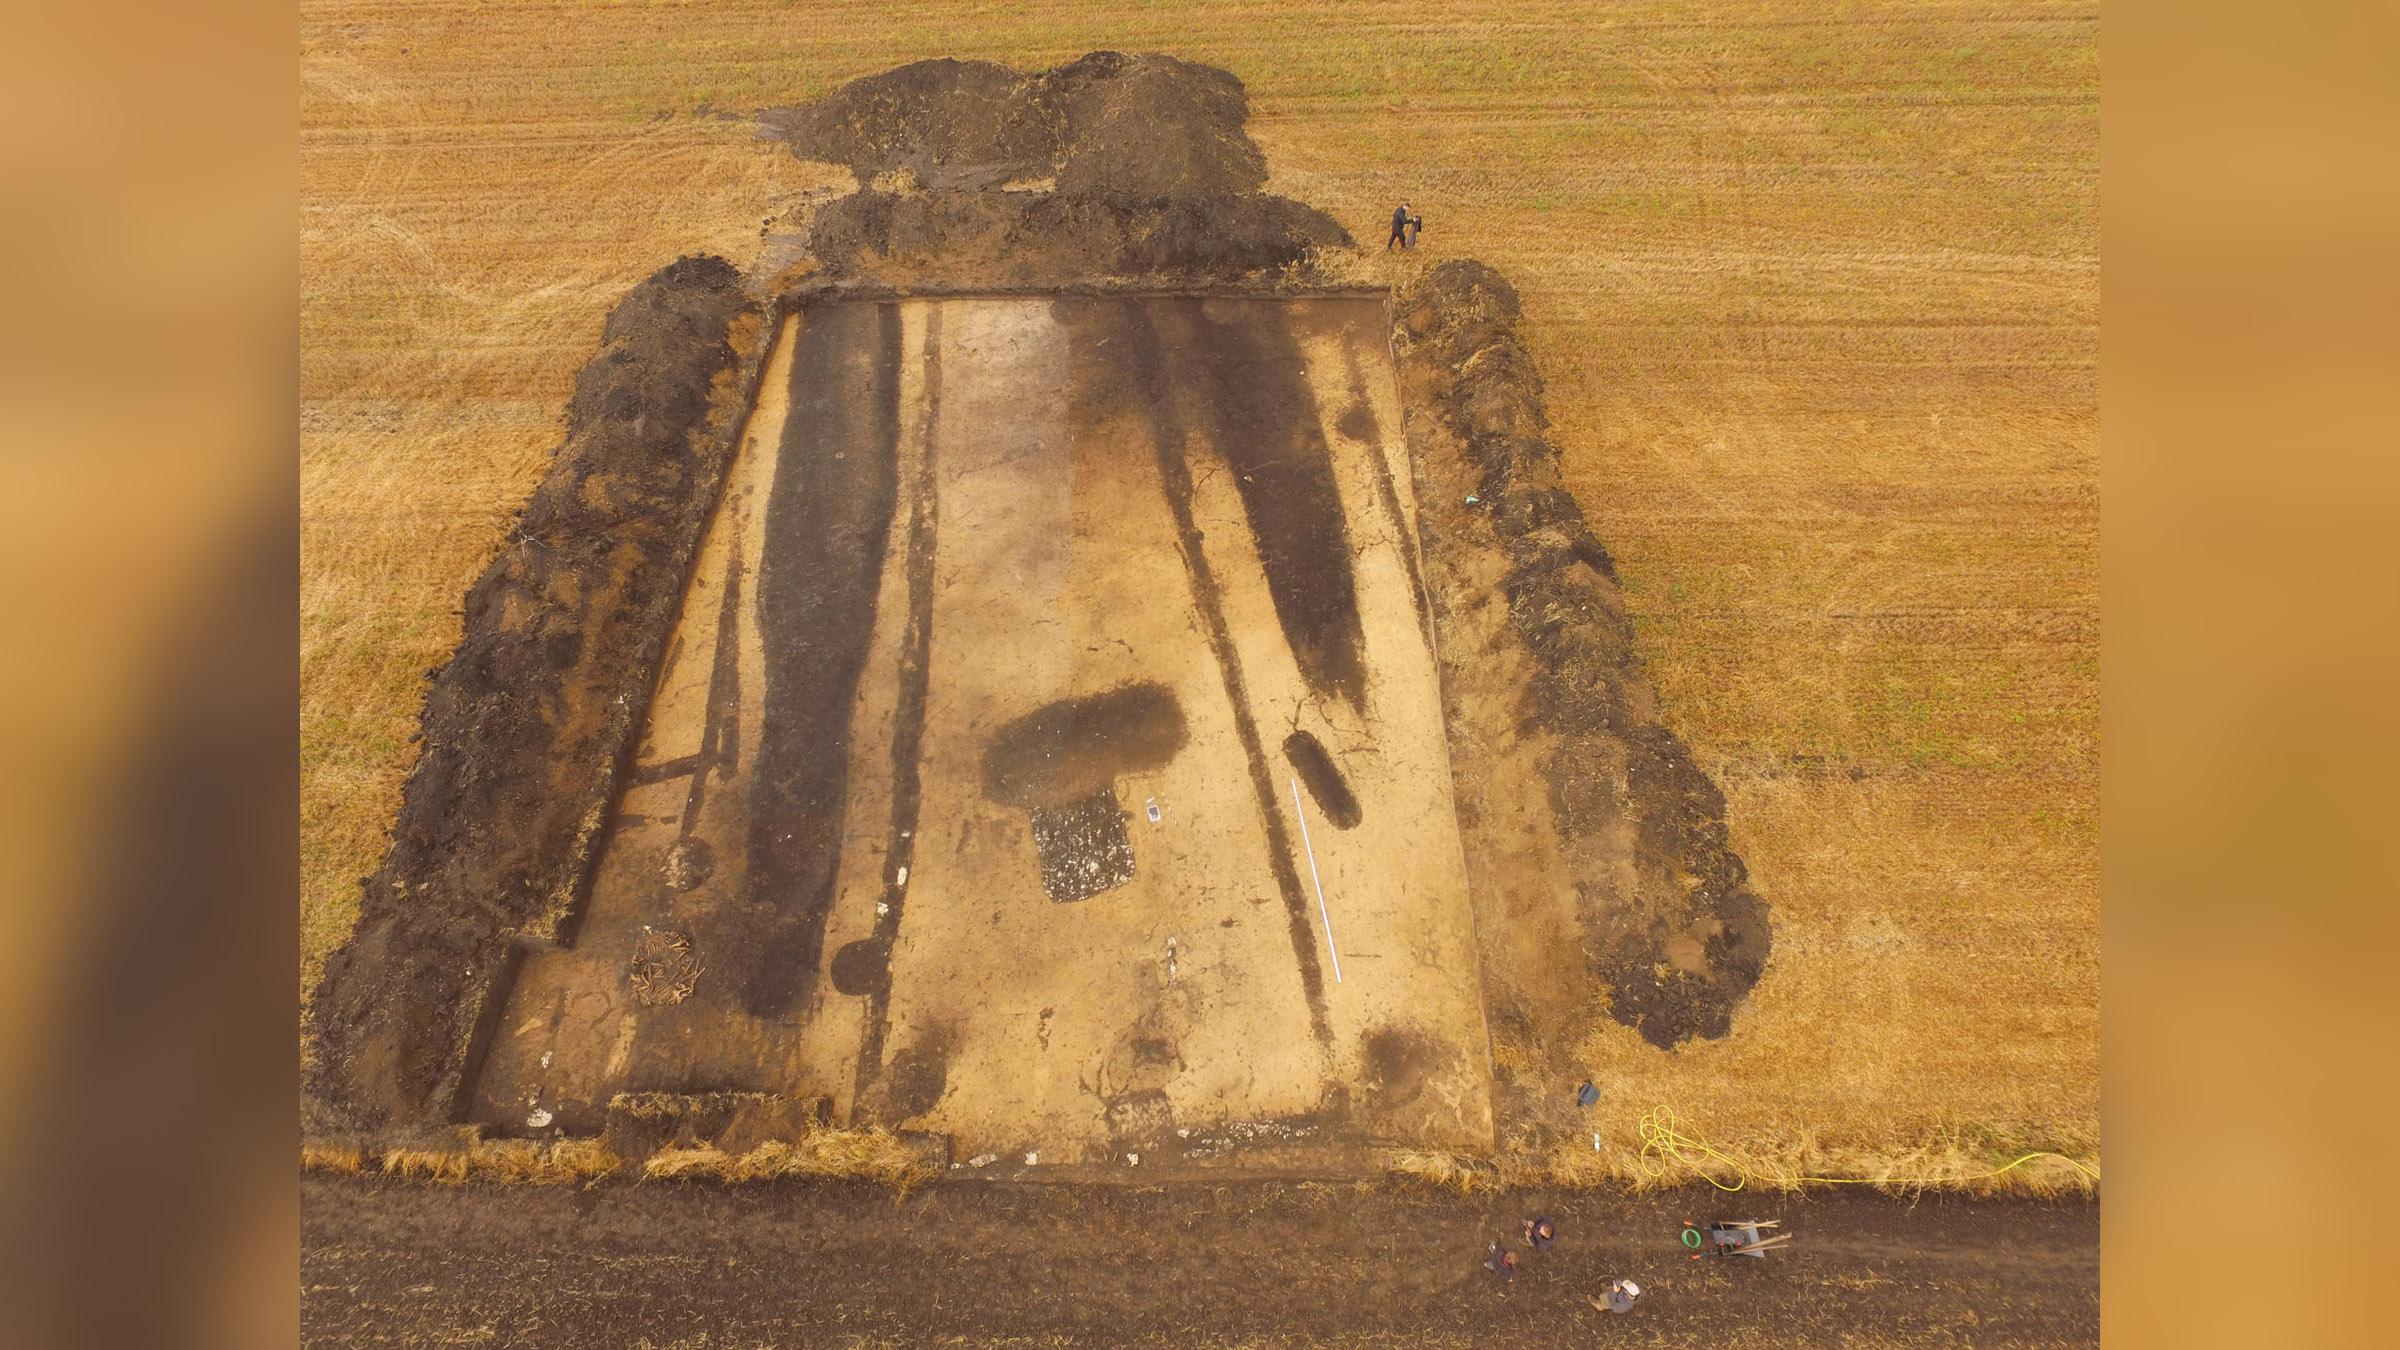 On pense que le gigantesque complexe de longs tumulus néolithiques mis au jour dans le sud-ouest de la Pologne date du peuple Funnel Beaker, qui occupait une grande partie de l'Europe centrale et septentrionale après il y a environ 4100 ans.